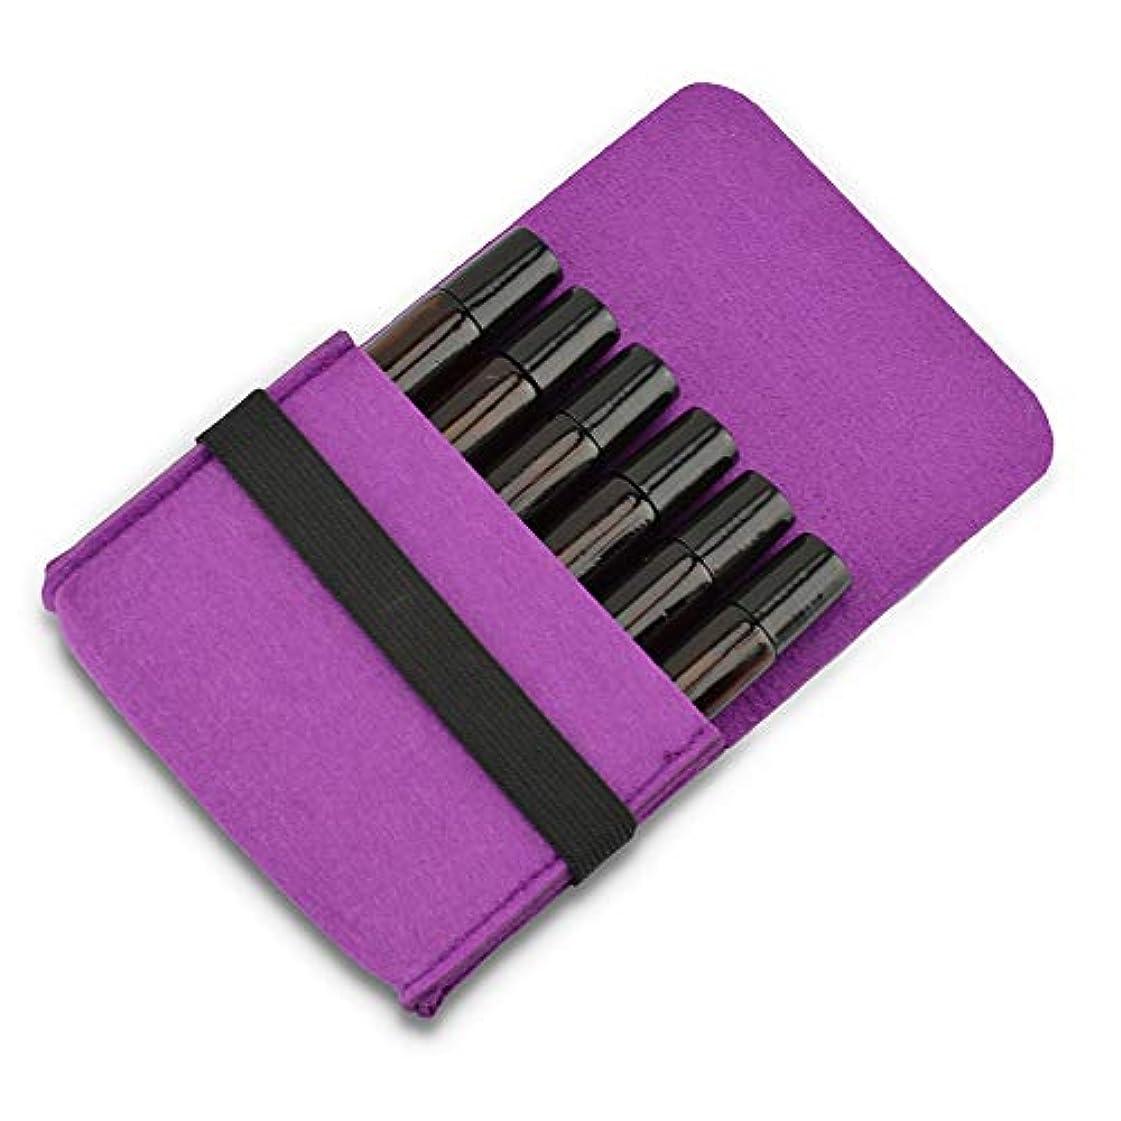 下に向けます発生器自動車エッセンシャルオイル収納ボックス エッセンシャルオイルの6本のボトル10MLオイルスーツケース旅行主催者は油を整理して表示するためのポケット収納袋を感じました 丈夫で持ち運びが簡単 (色 : 紫の, サイズ : 13X10X3CM)